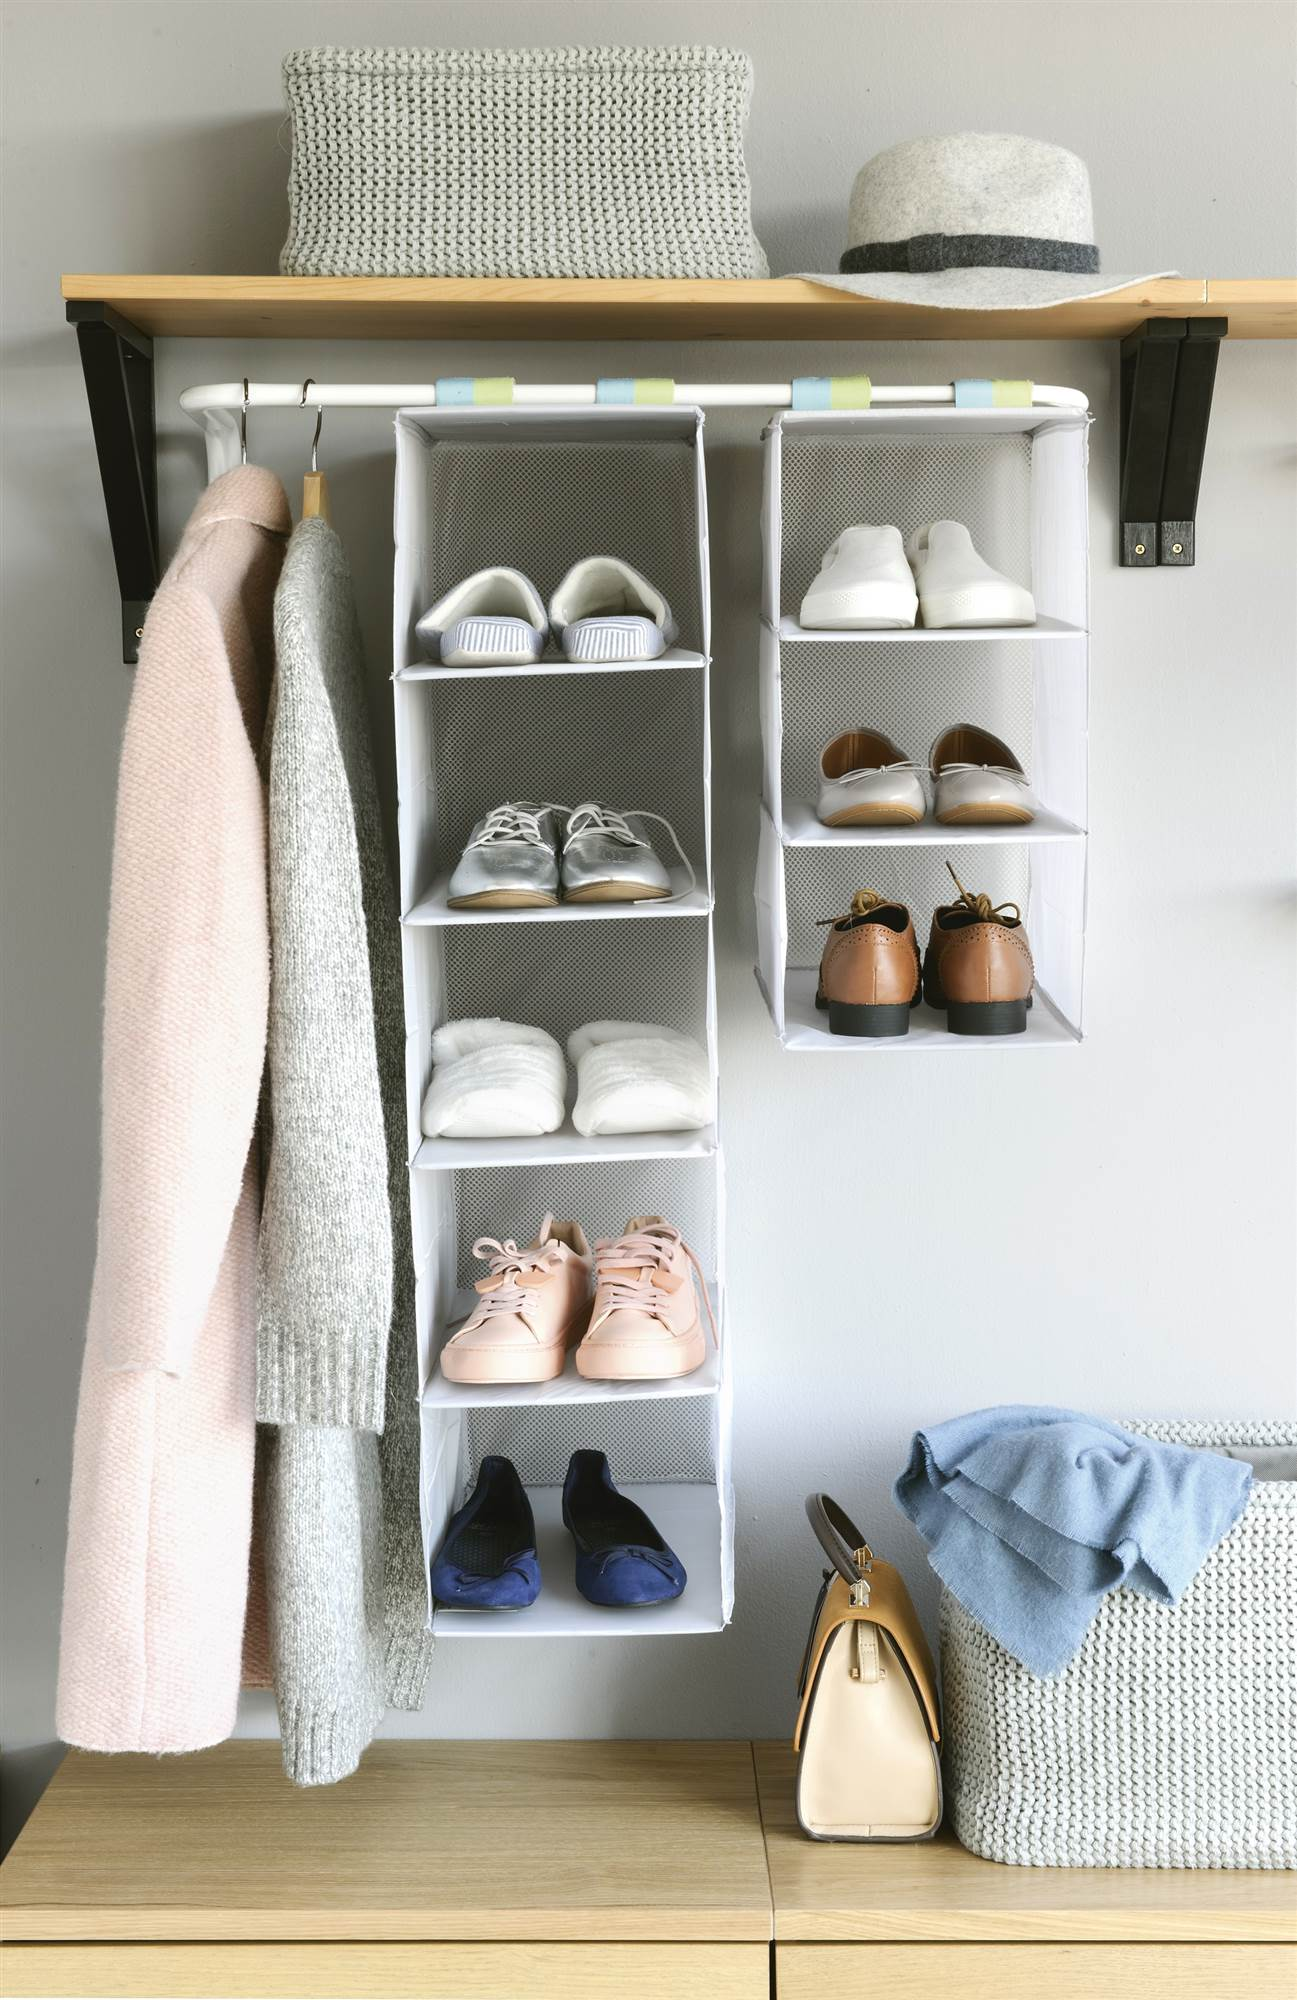 Como ordenar los zapatos en el armario - Armarios para zapatos ...